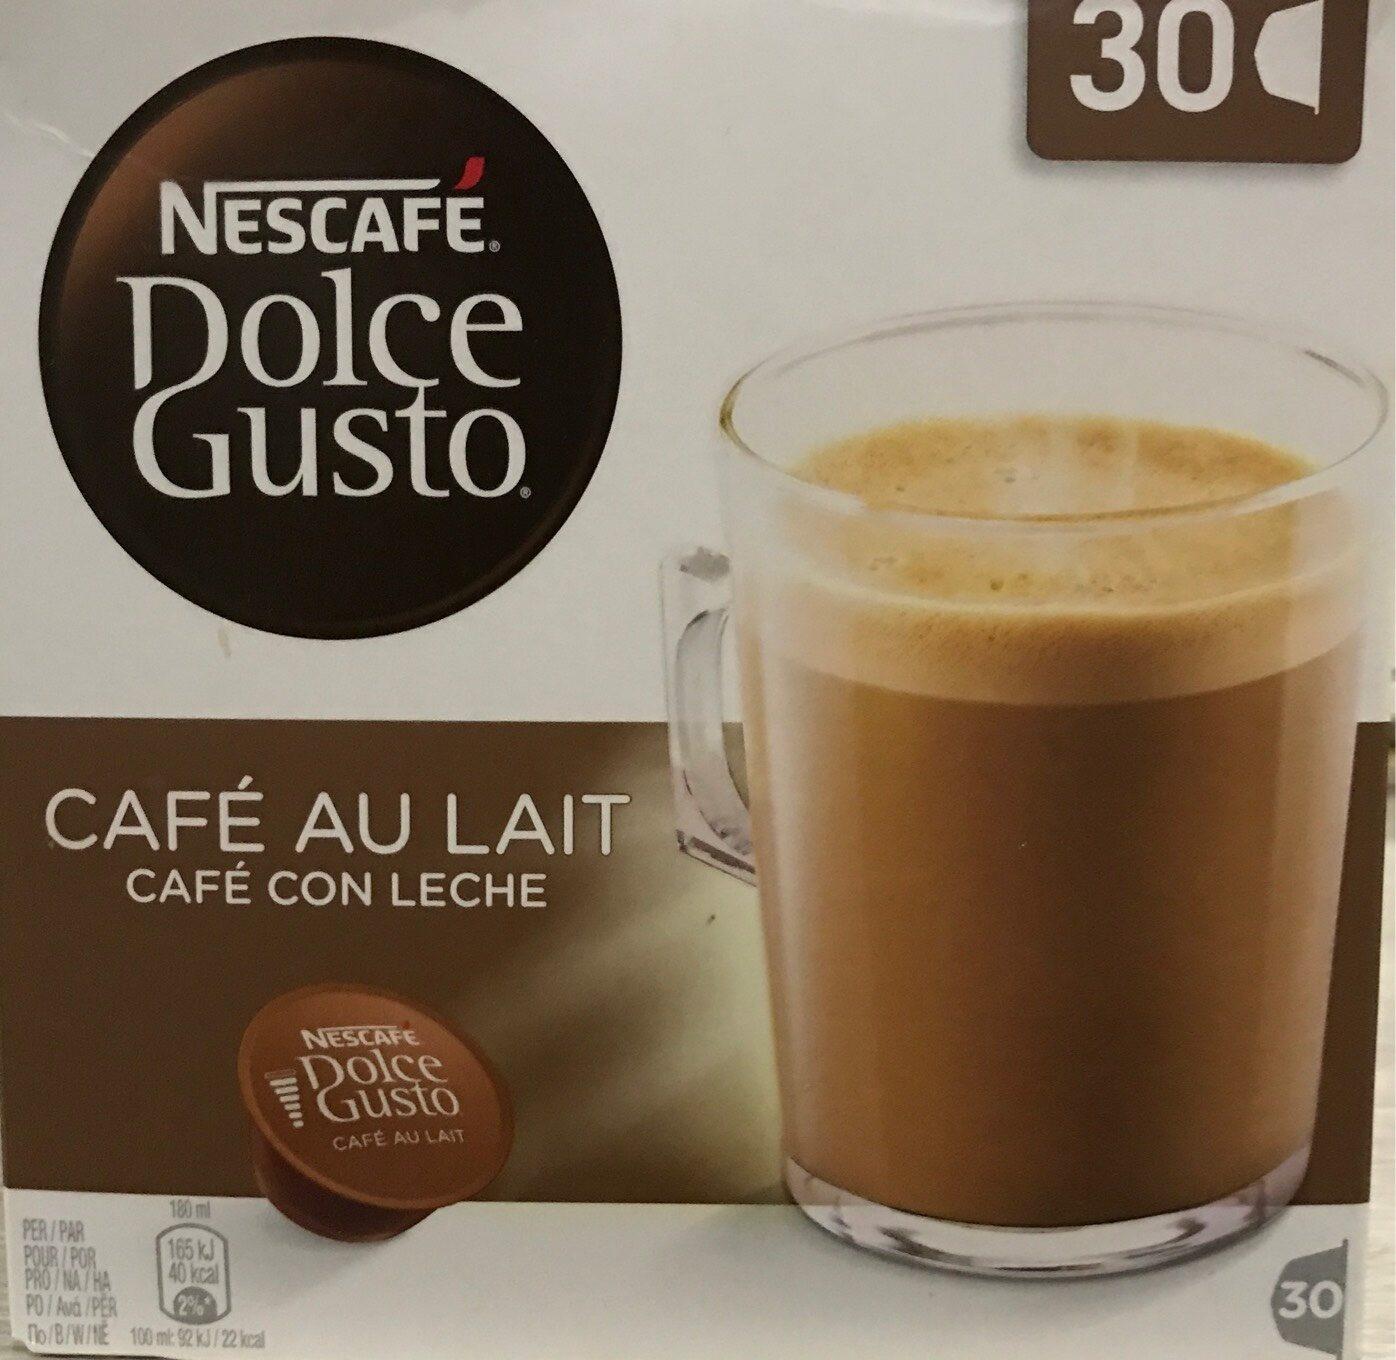 Café con leche - Product - es